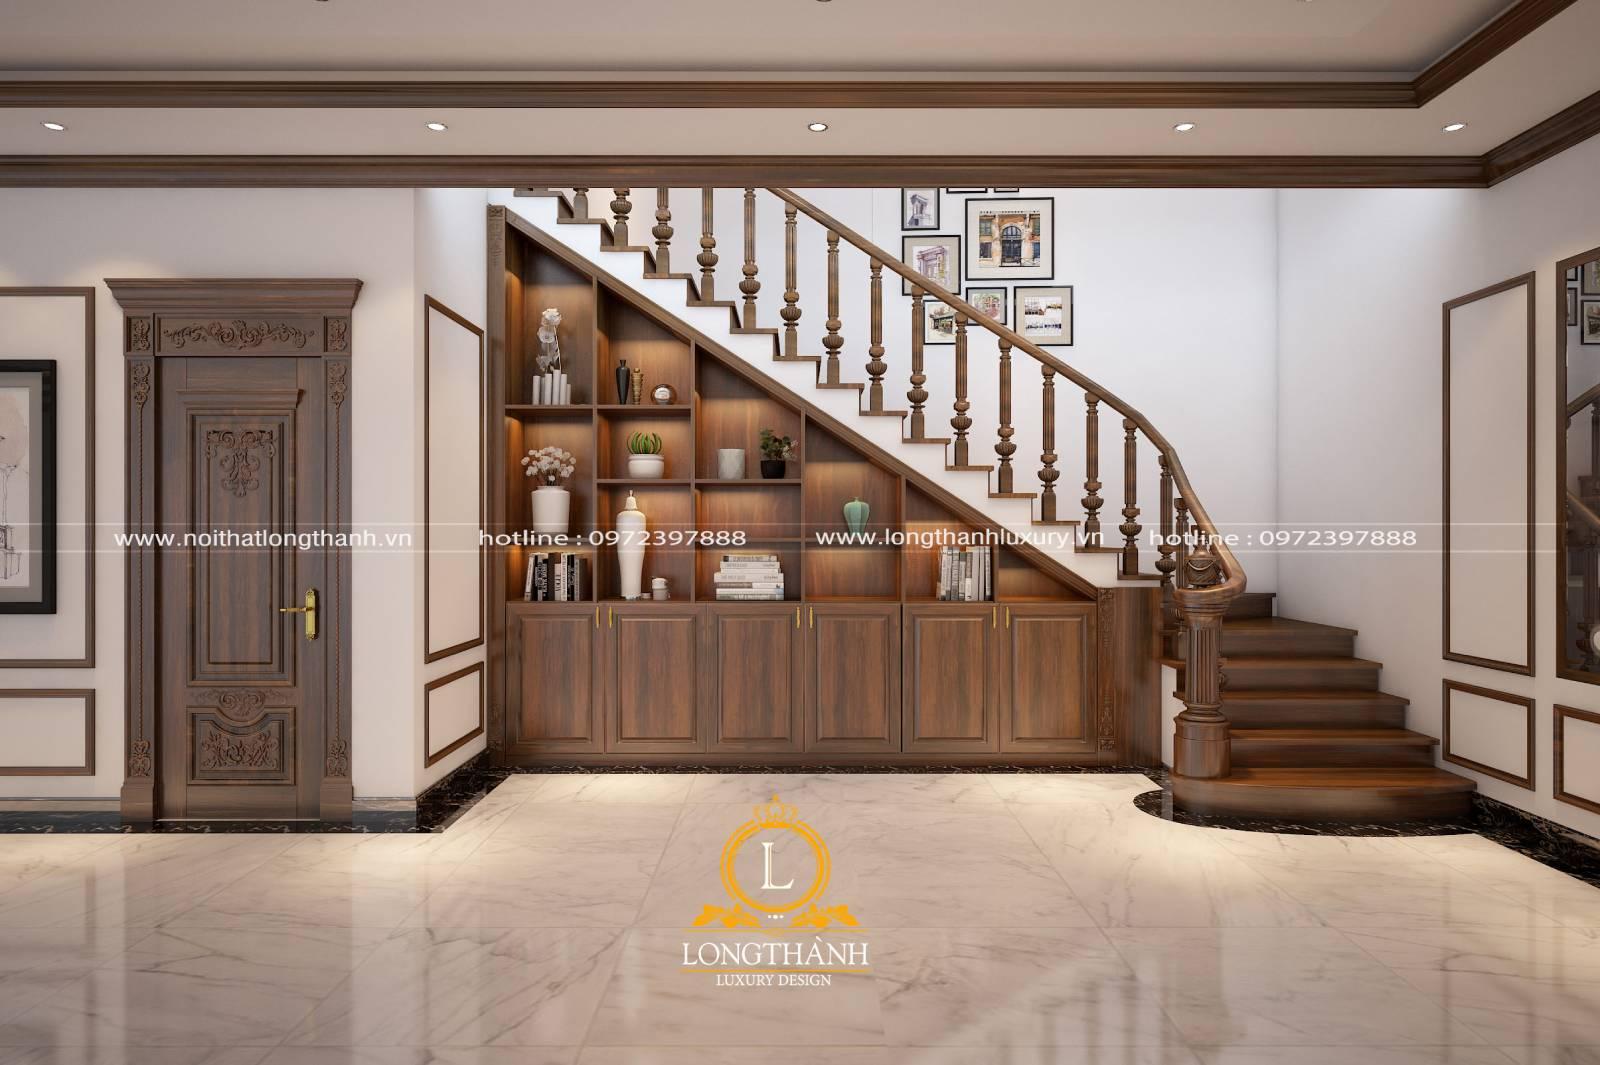 Chiều cao của cầu thang phụ thuộc vào cao độ của phòng khách tầng 1